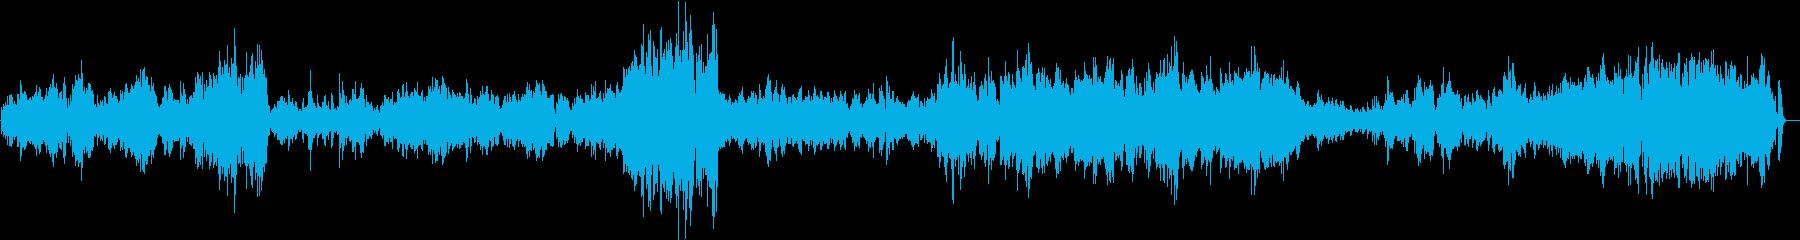 【生演奏】カッコいいバイオリンソナタ4章の再生済みの波形